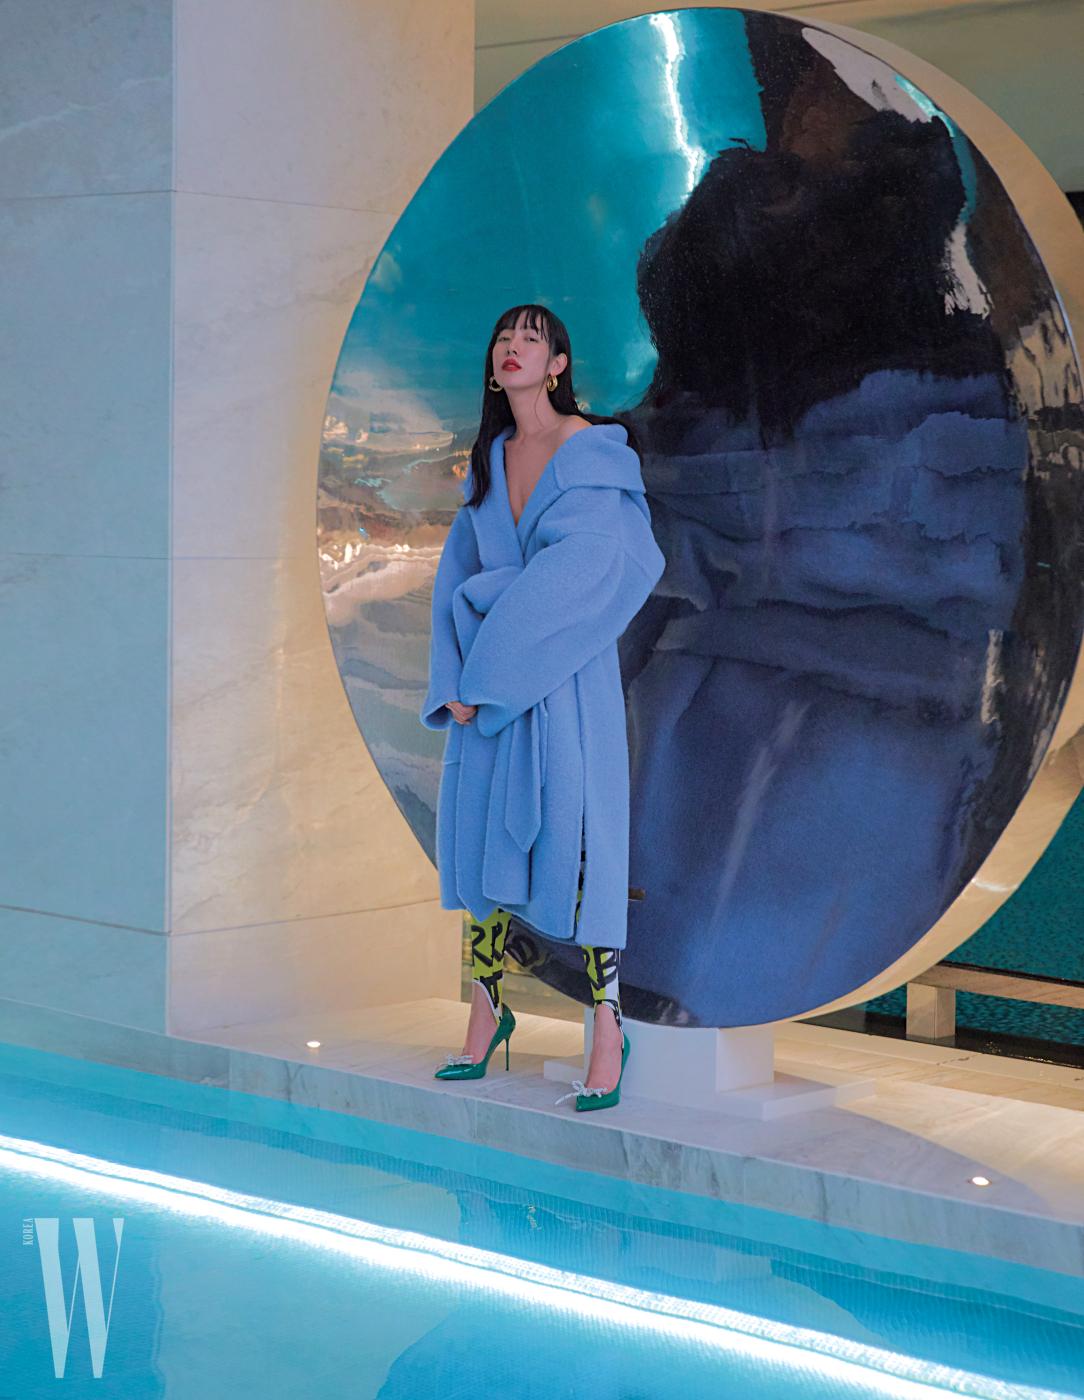 포근한 하늘색 코트, 레깅스, 리본 장식 슈즈는 모두 Burberry, 골드 링 귀고리는 Celine 제품.